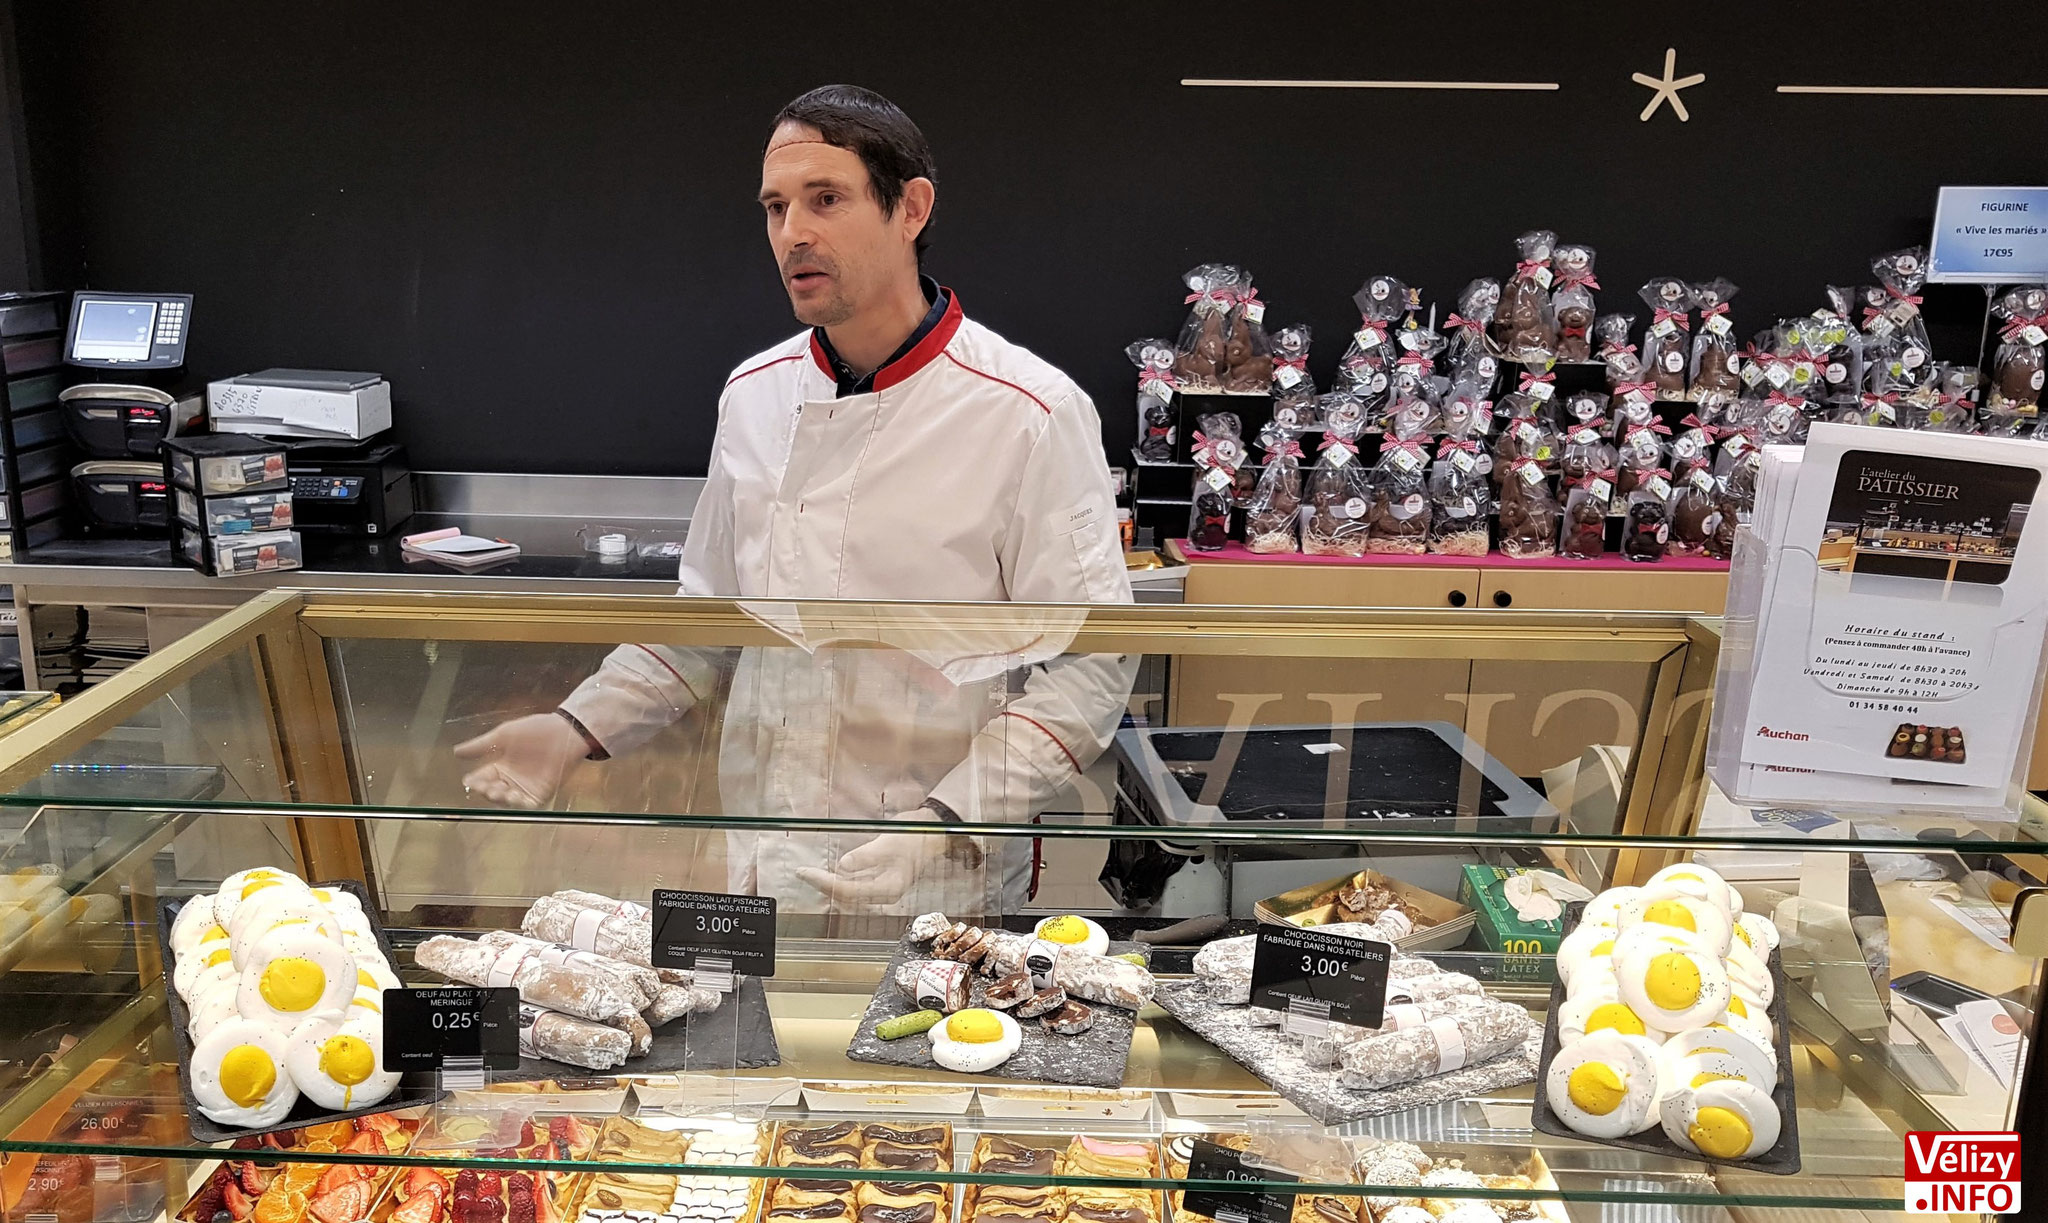 Jacques OLLO, au comptoir de vente d'Auchan Vélizy.